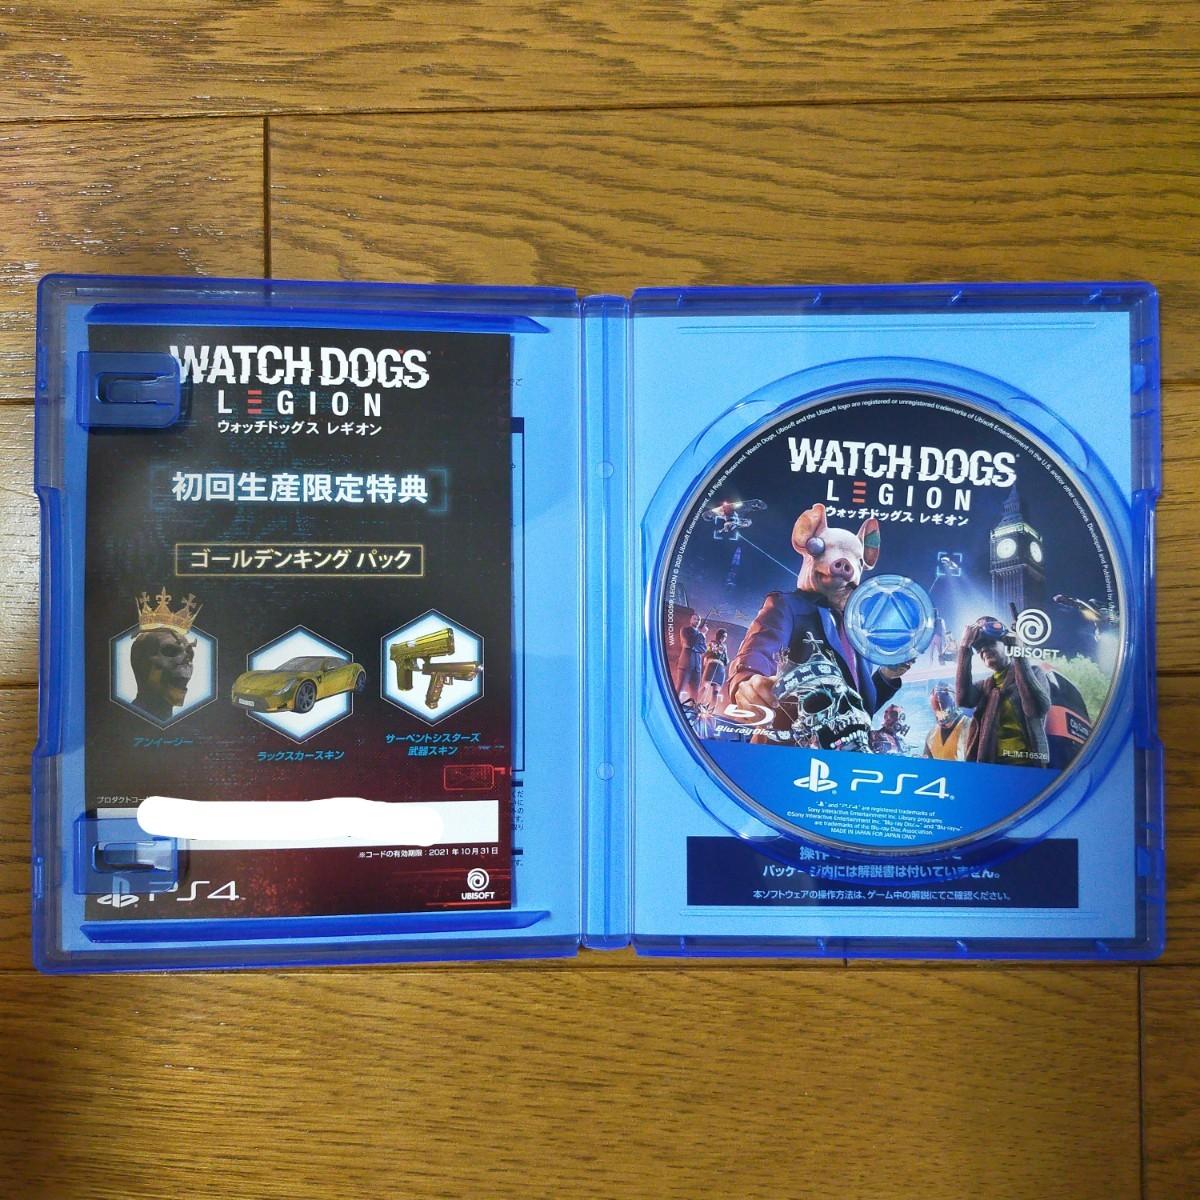 【初回生産限定特典付】ウォッチドッグスレギオン プレステ4 PS4